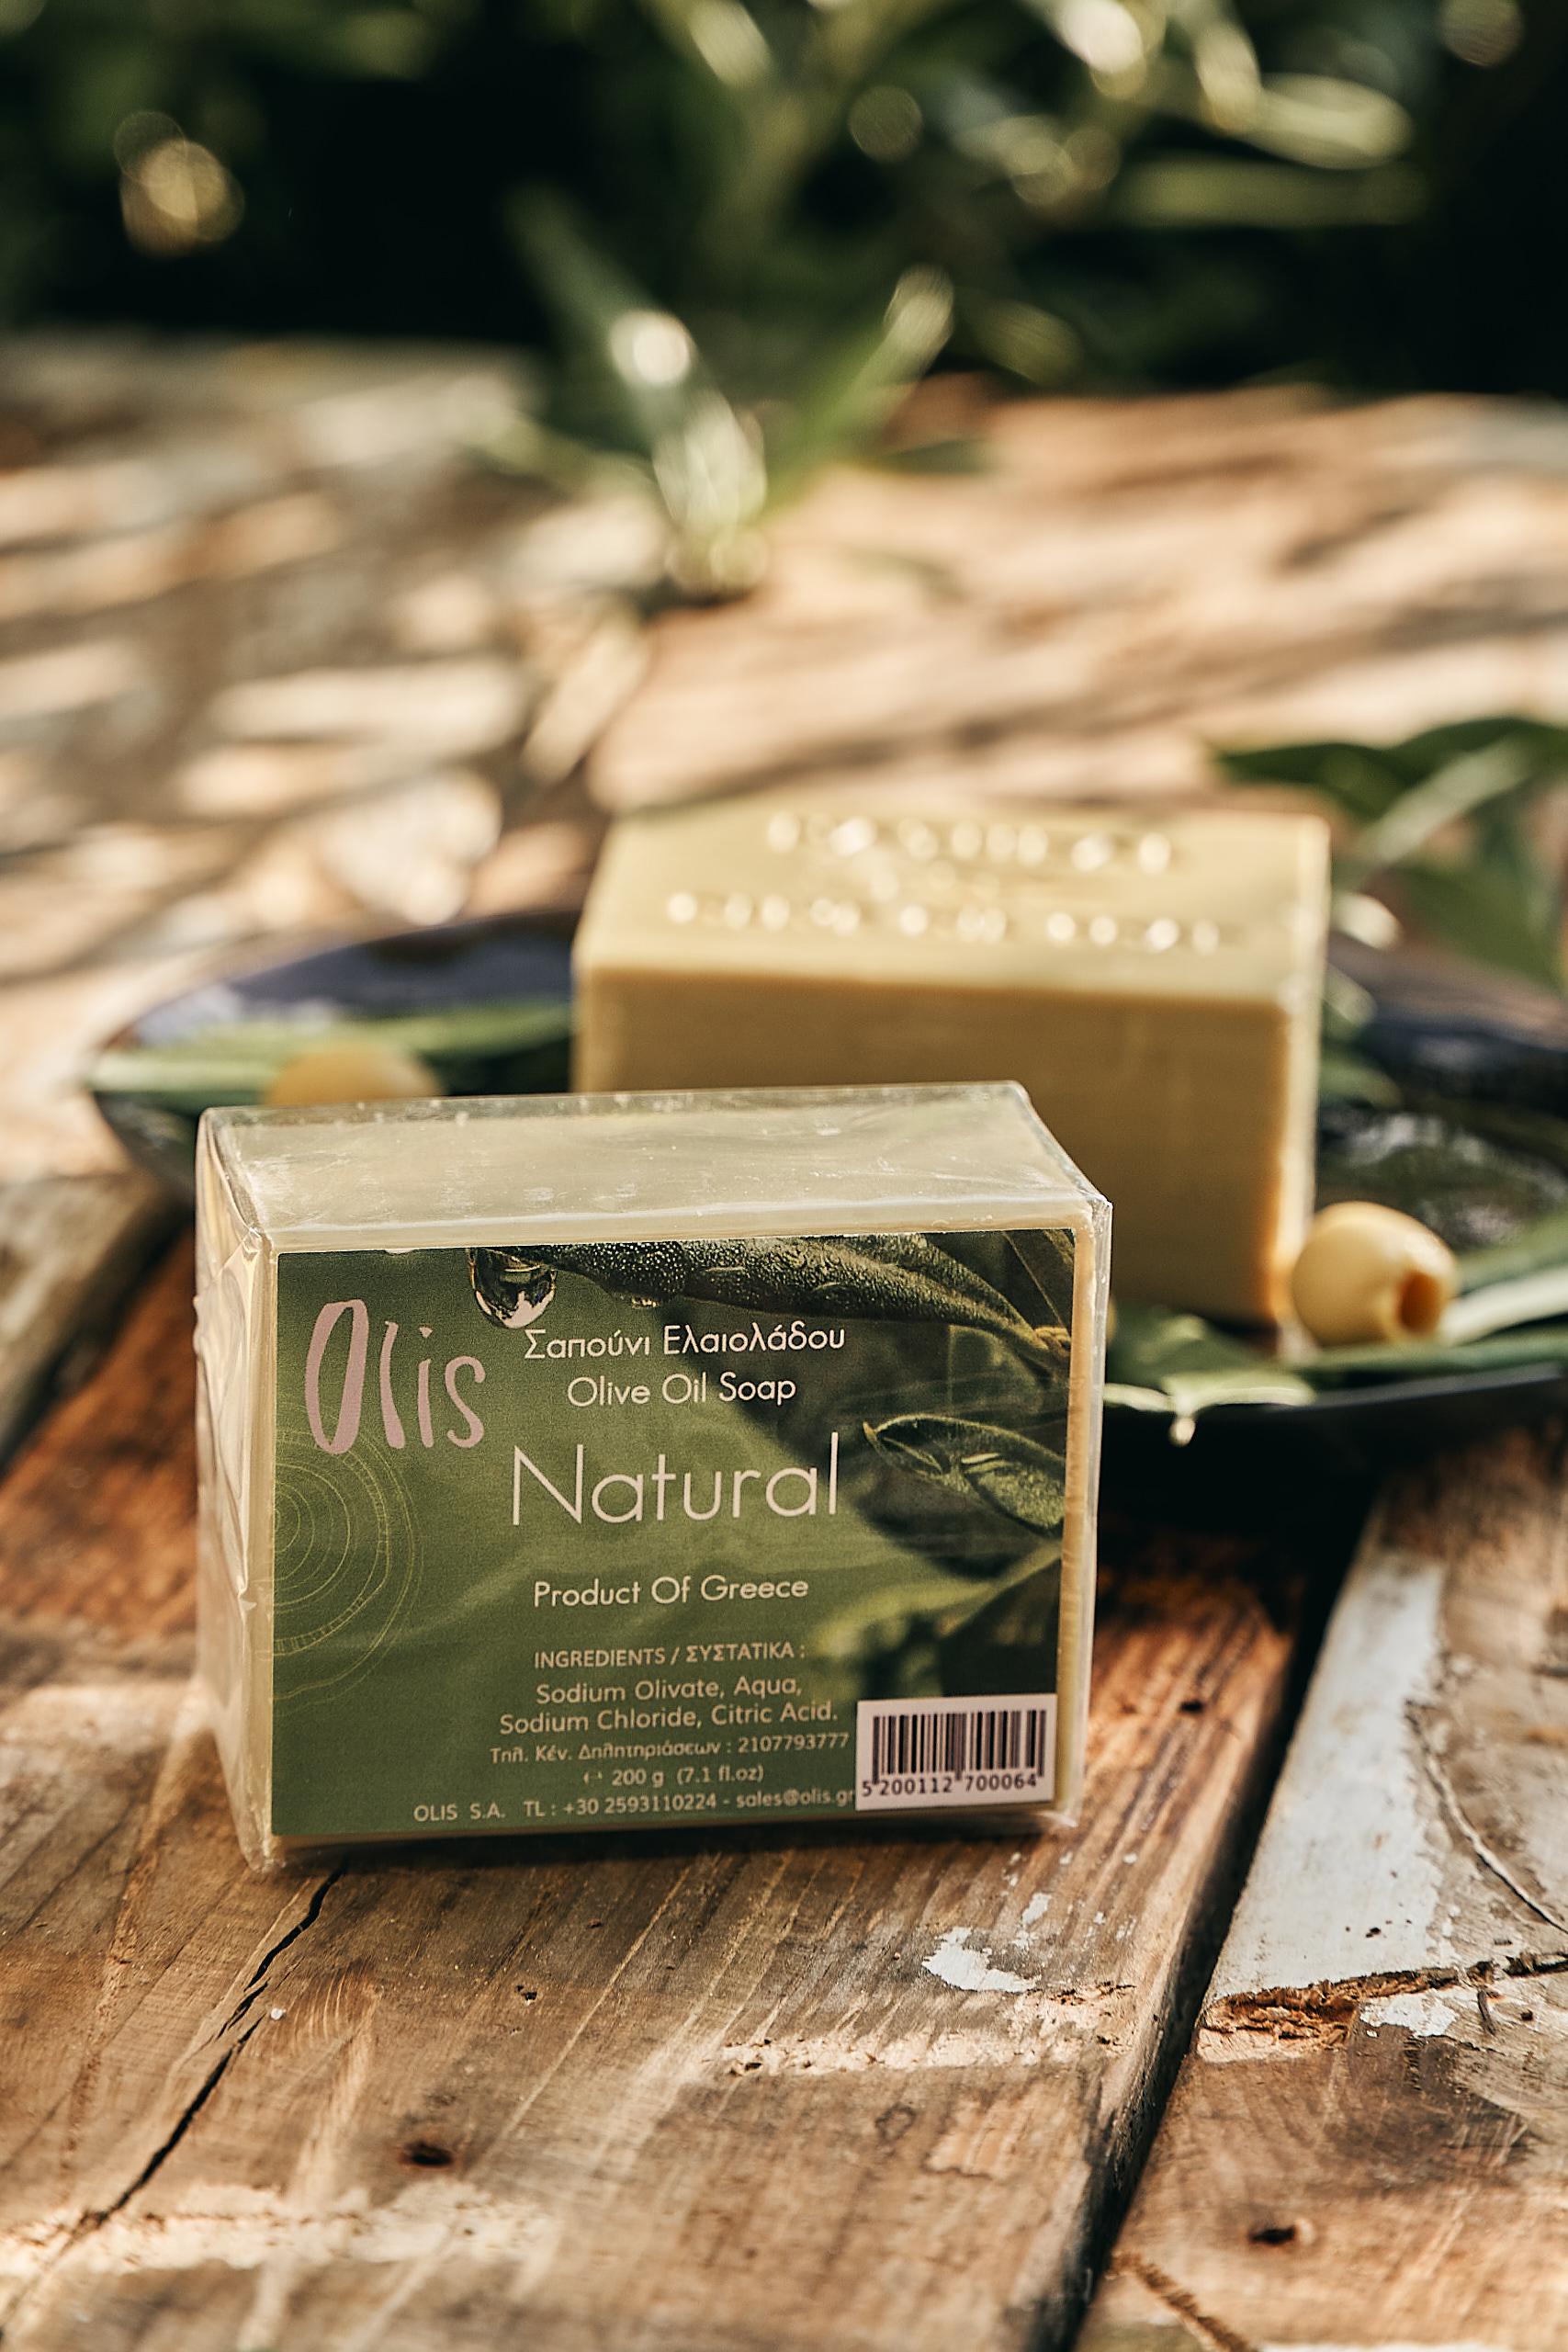 Olivenseife natural, Olivenölseife - Olis